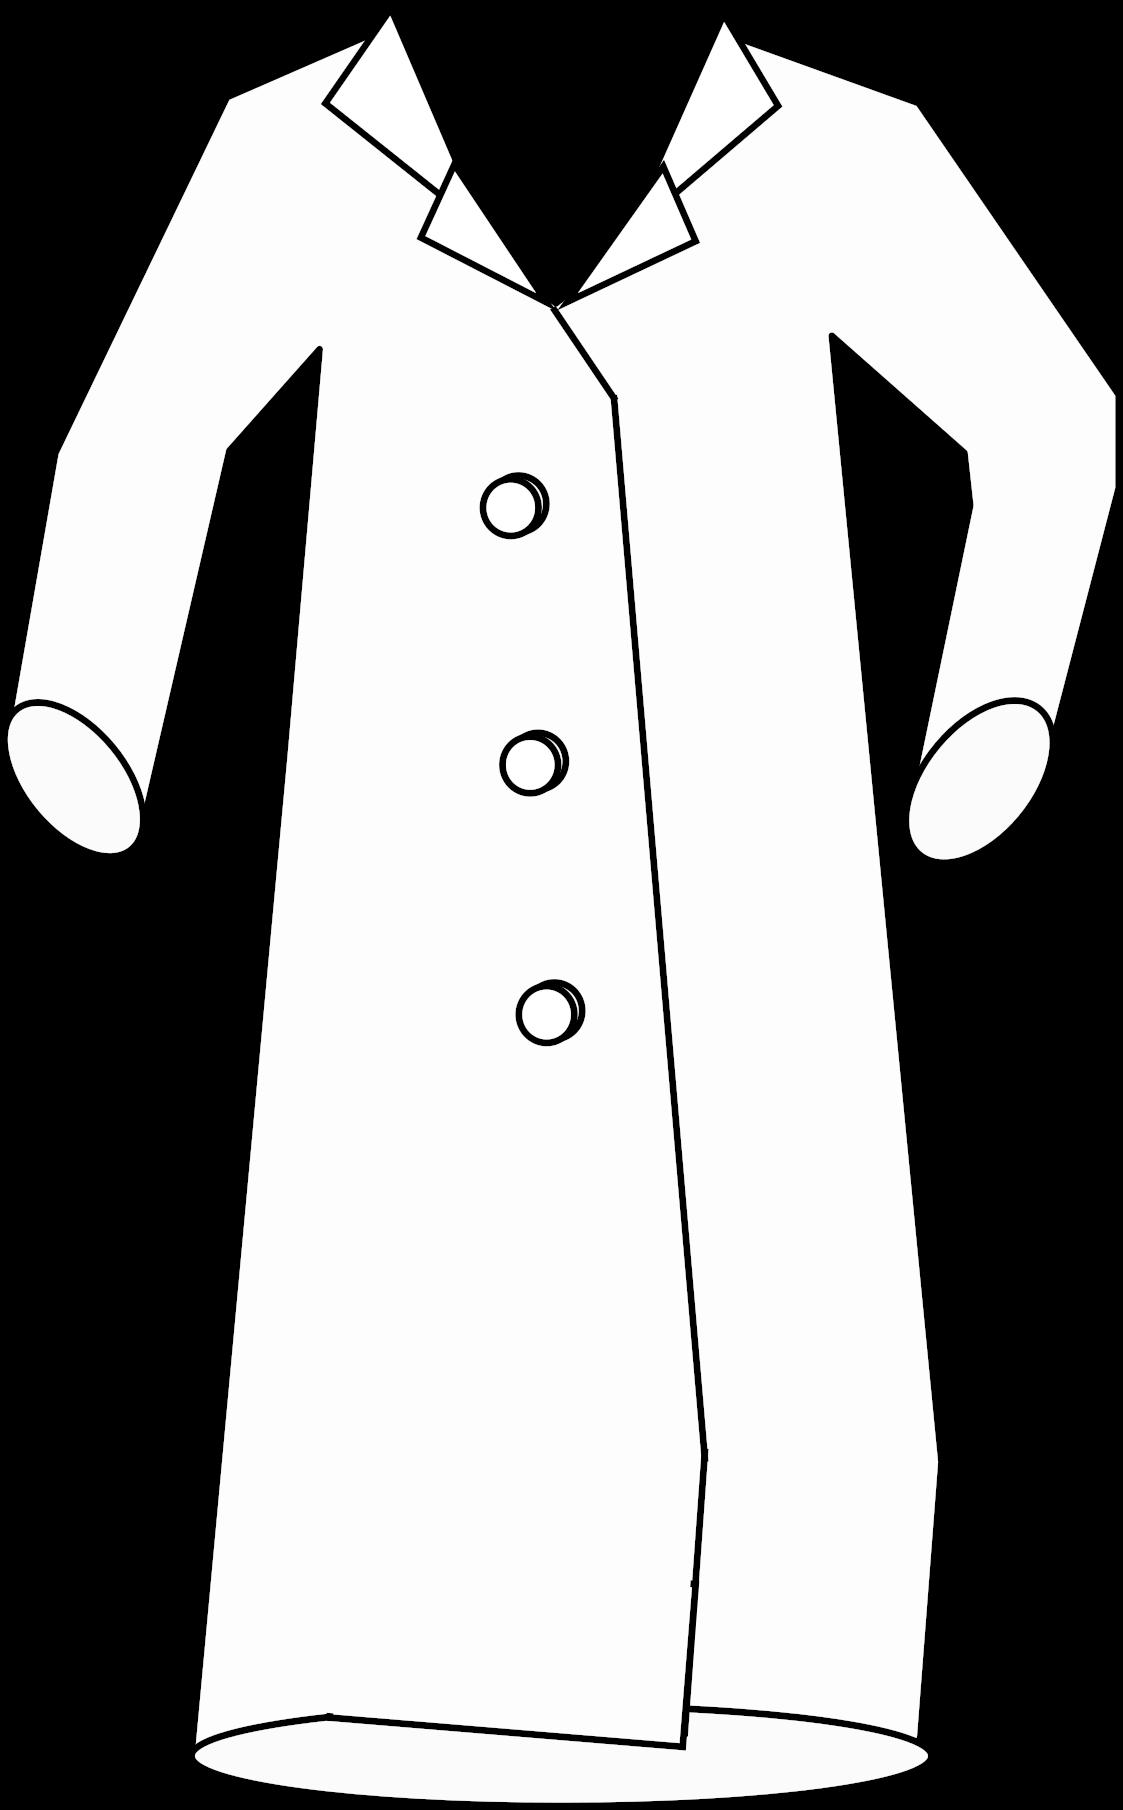 Transparent pocket clipart - Pocket Clipart Lab Coat - Lab Coat Clipart Png